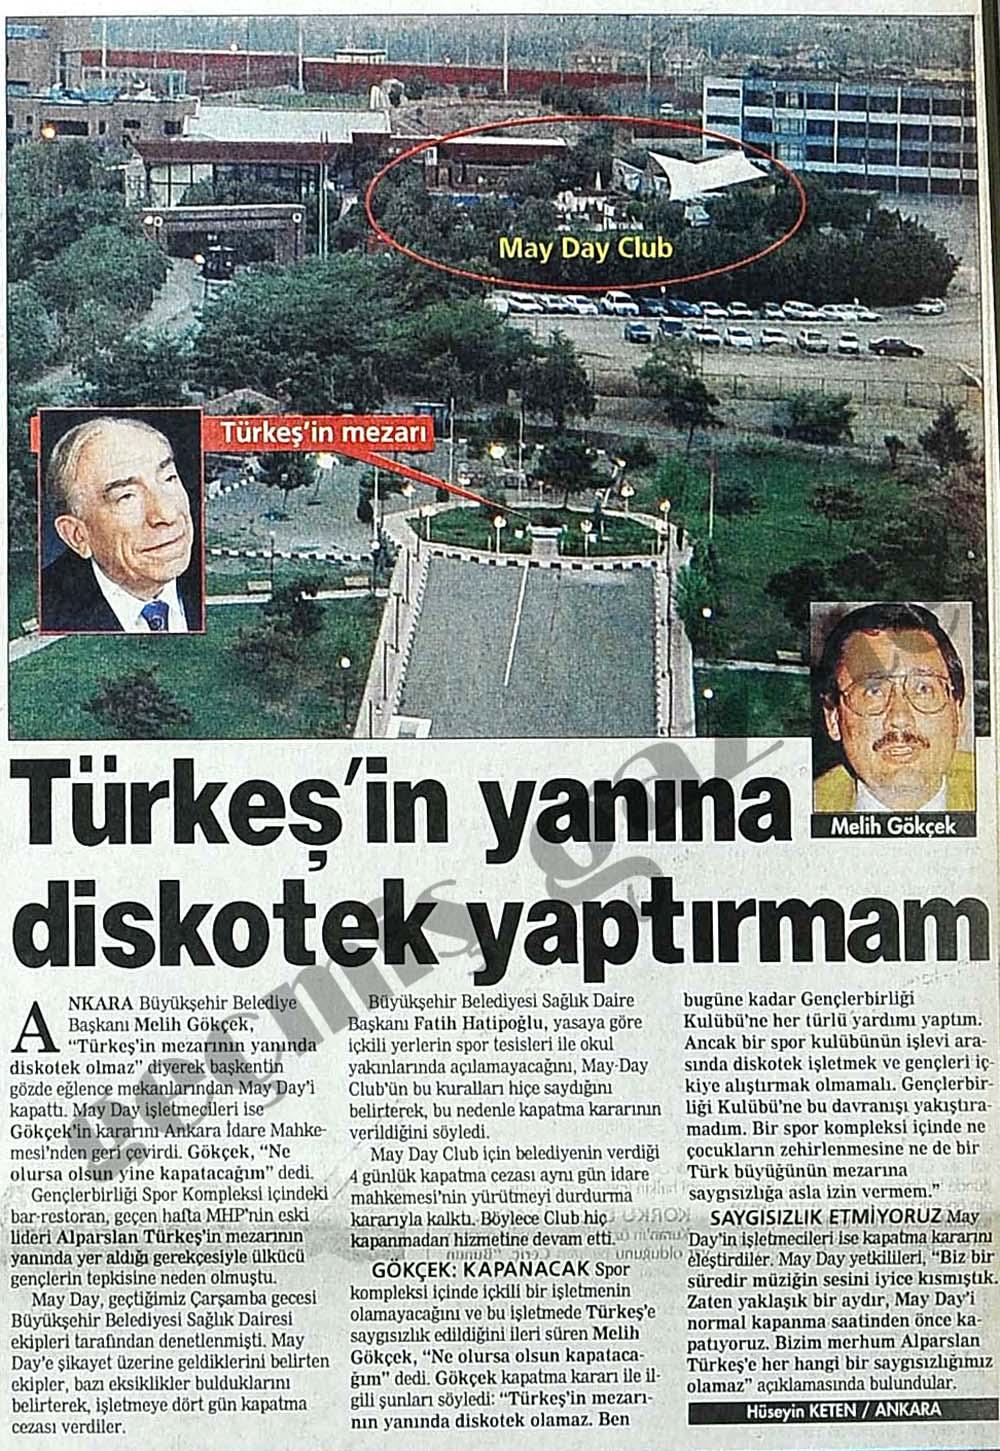 Melih Gökçek: Türkeş'in yanına diskotek yaptırmam